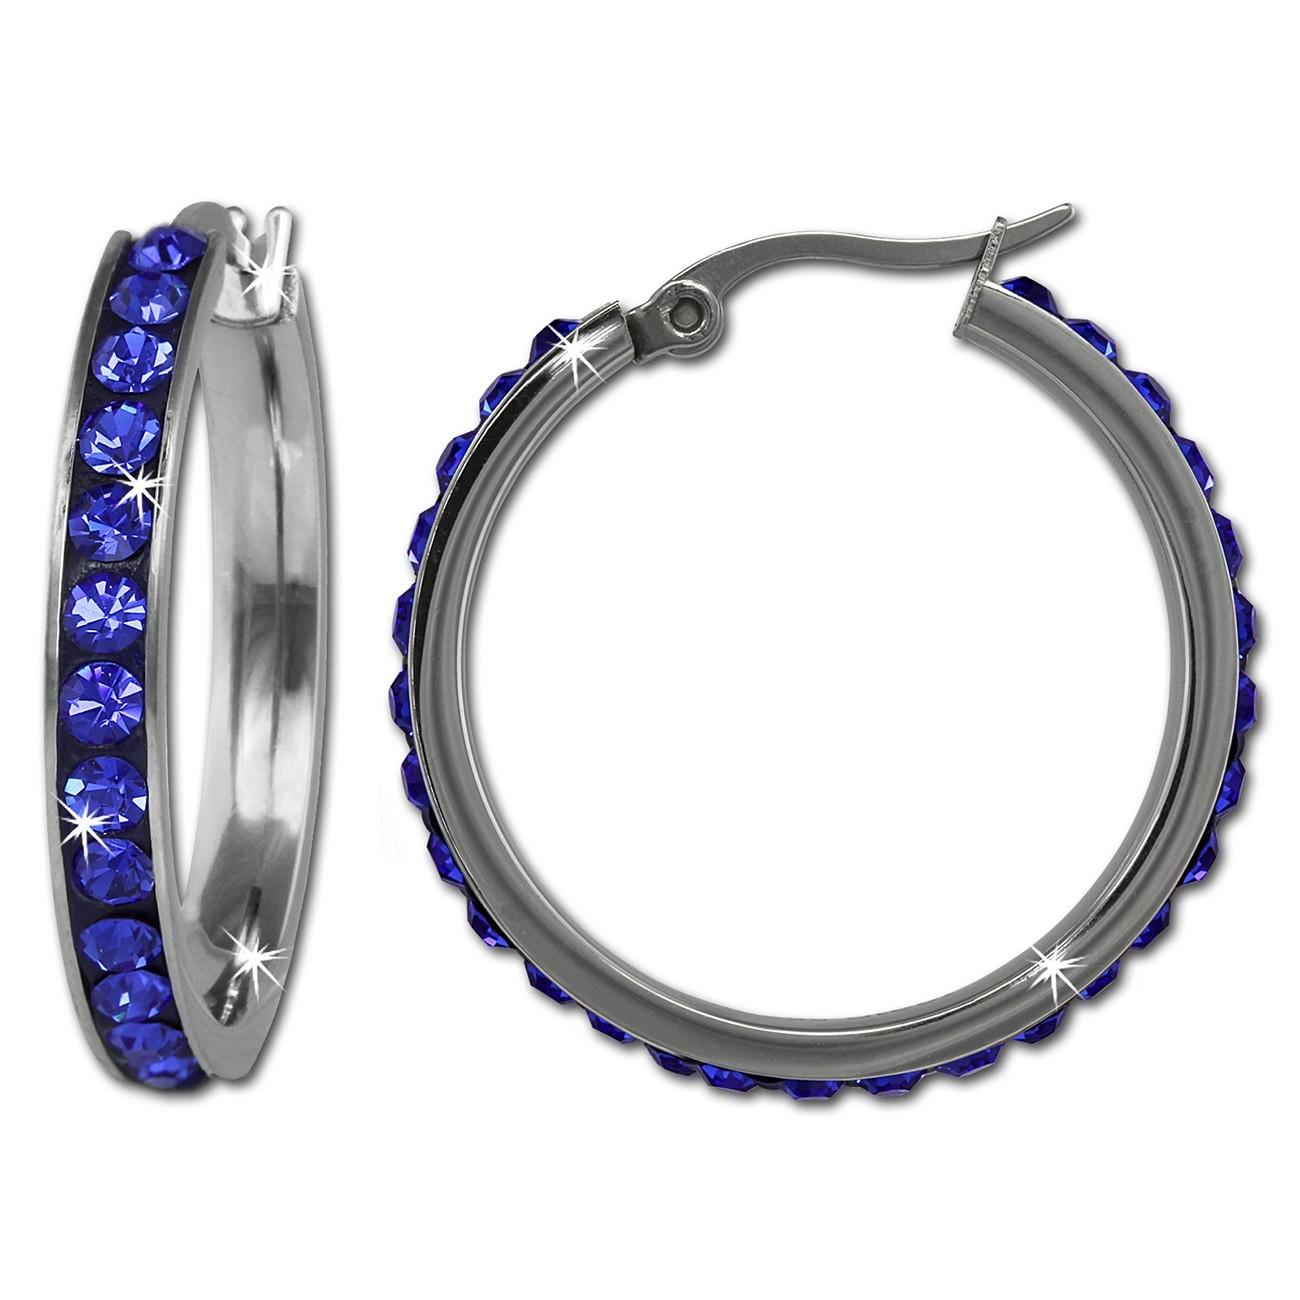 Amello Creole 30mm Edelstahl Swarovski Elements blau Damen Ohrring ESOS04B